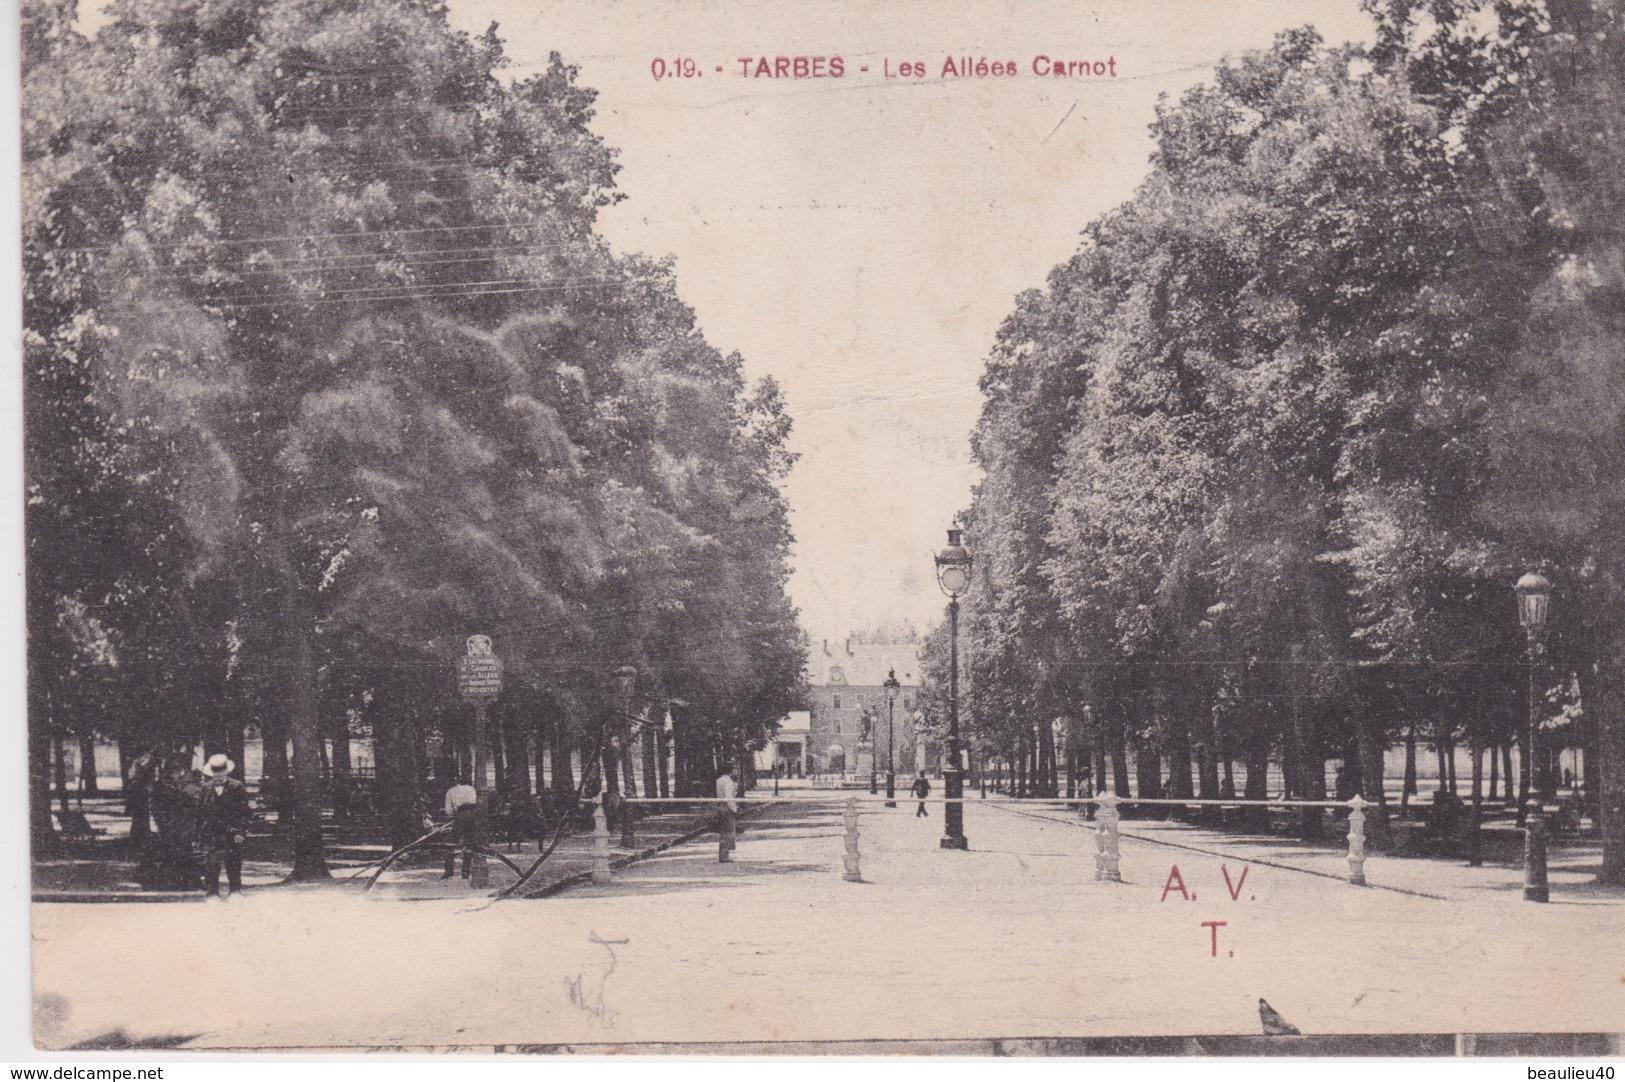 TARBES - LES ALLÉES CARNOT - Tarbes